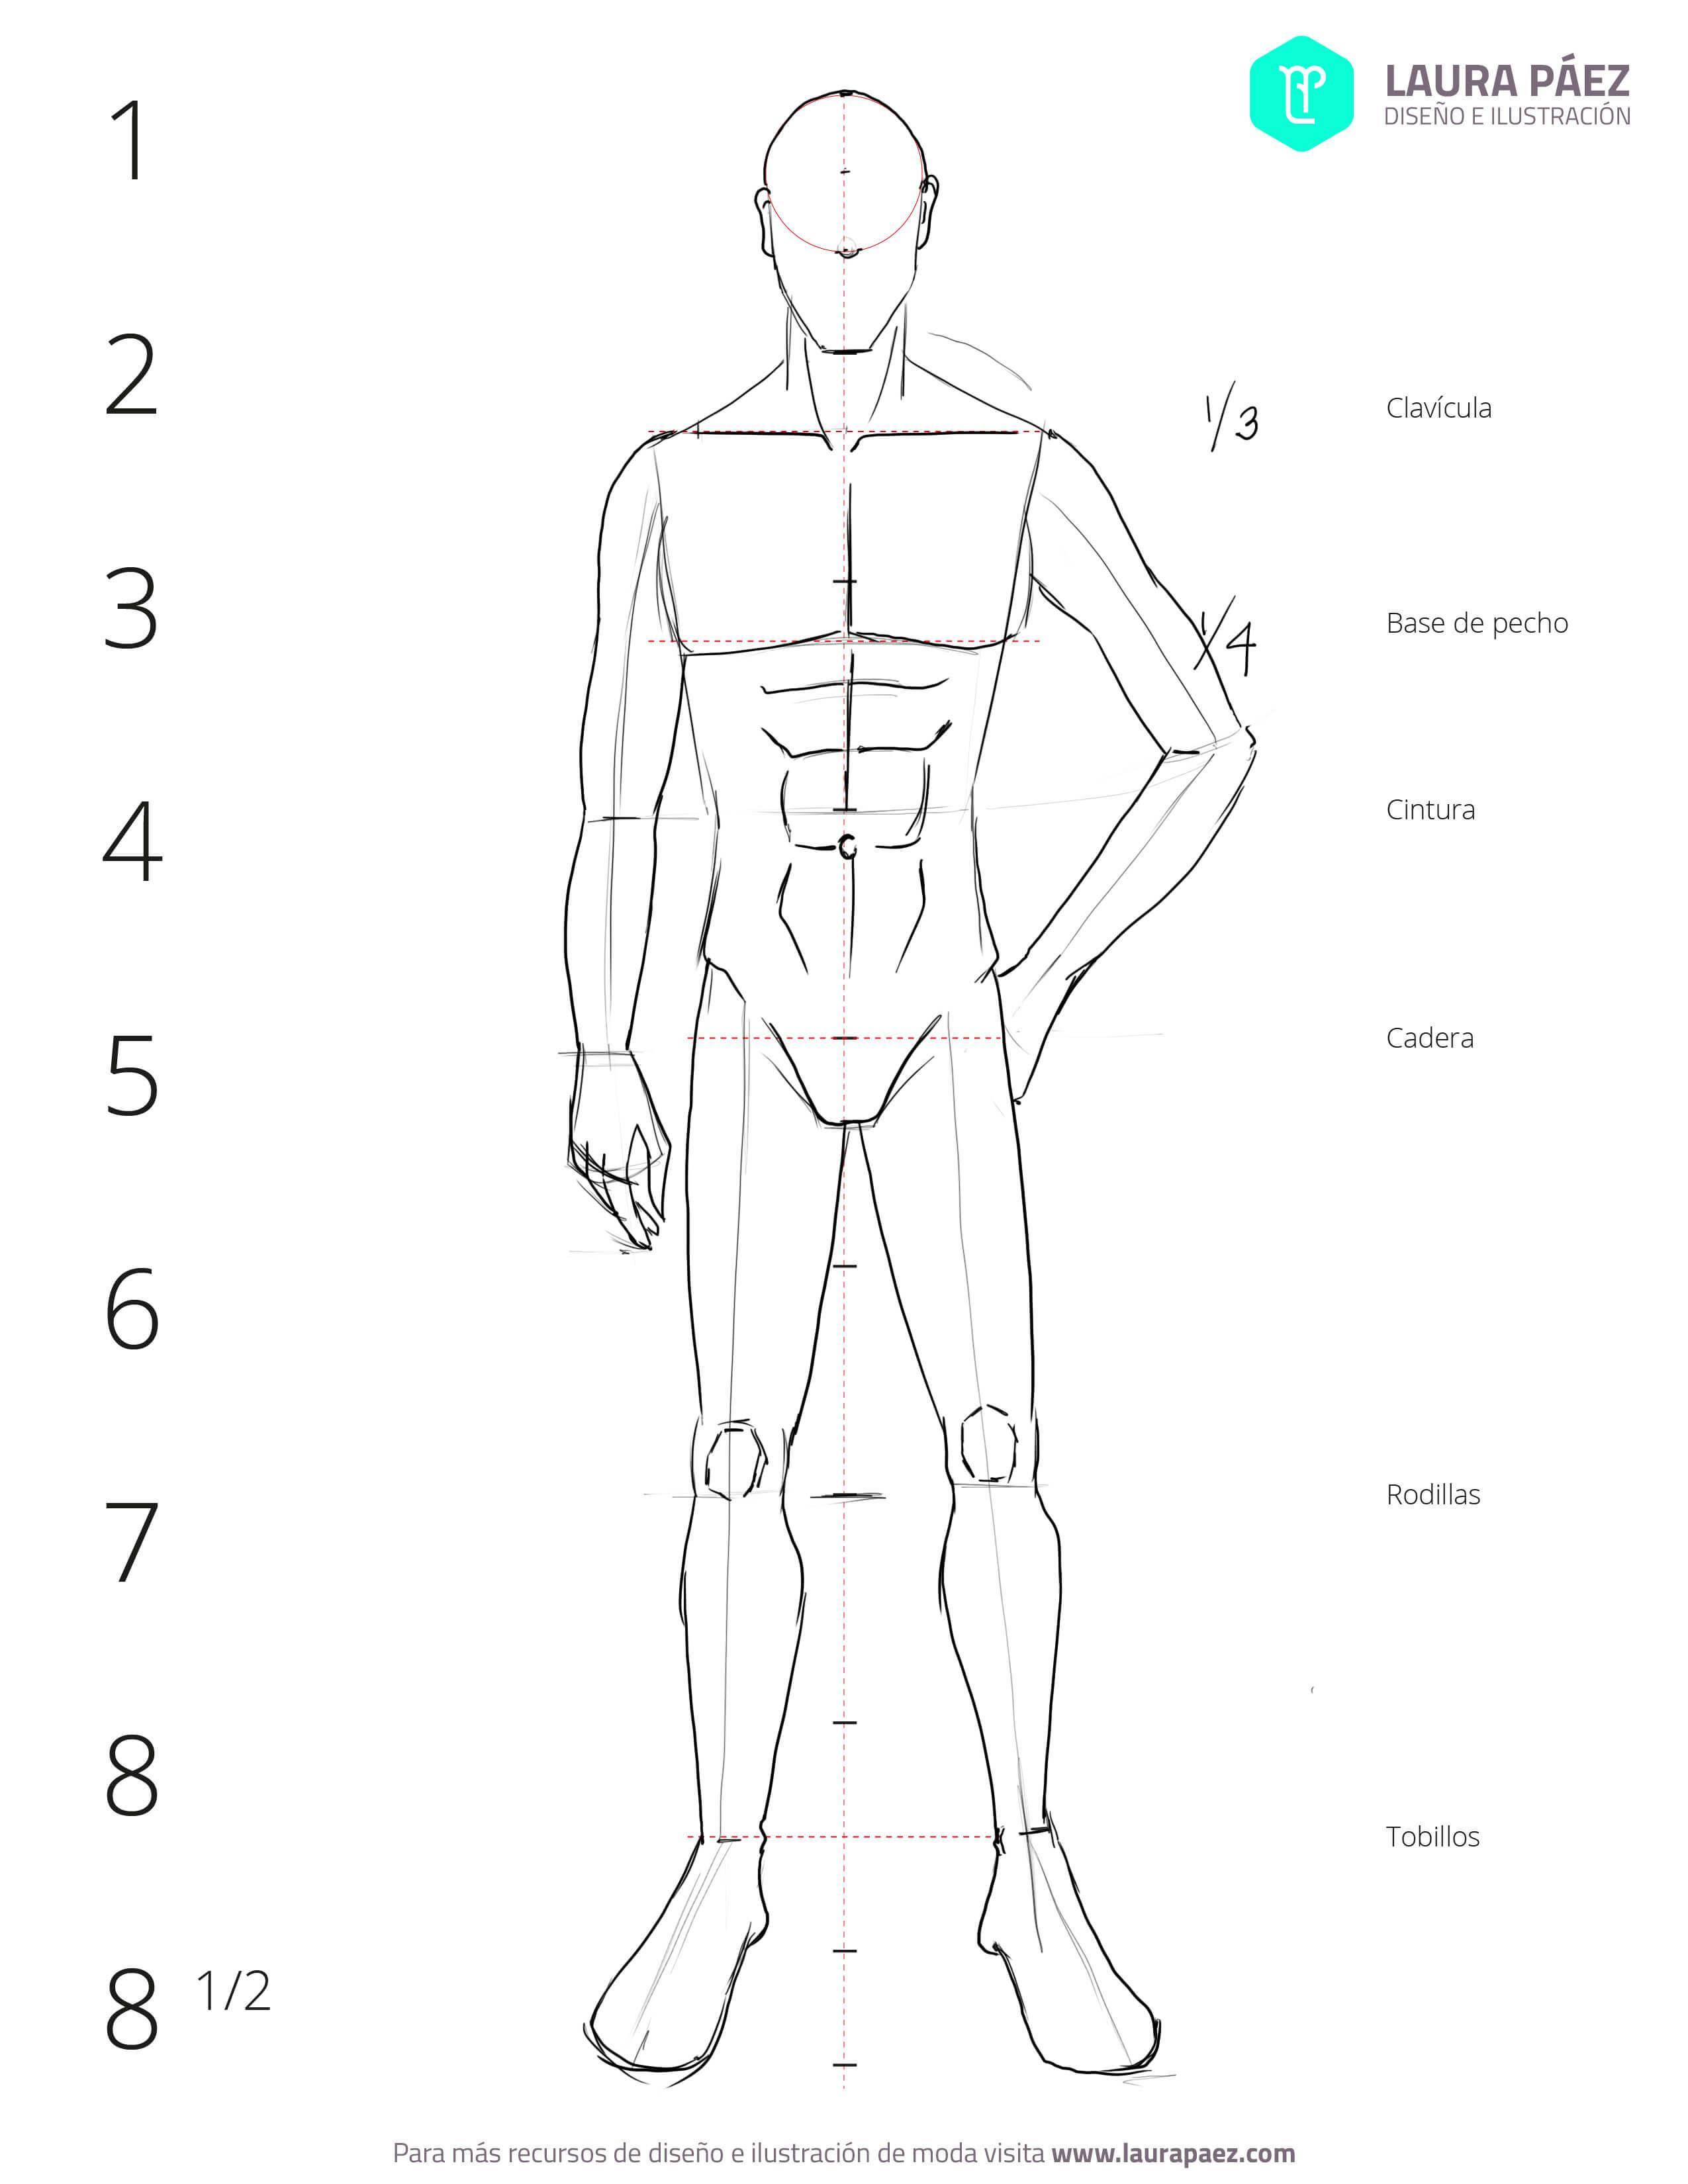 Cómo dibujar un figurín masculino: proporciones - Laura Páez